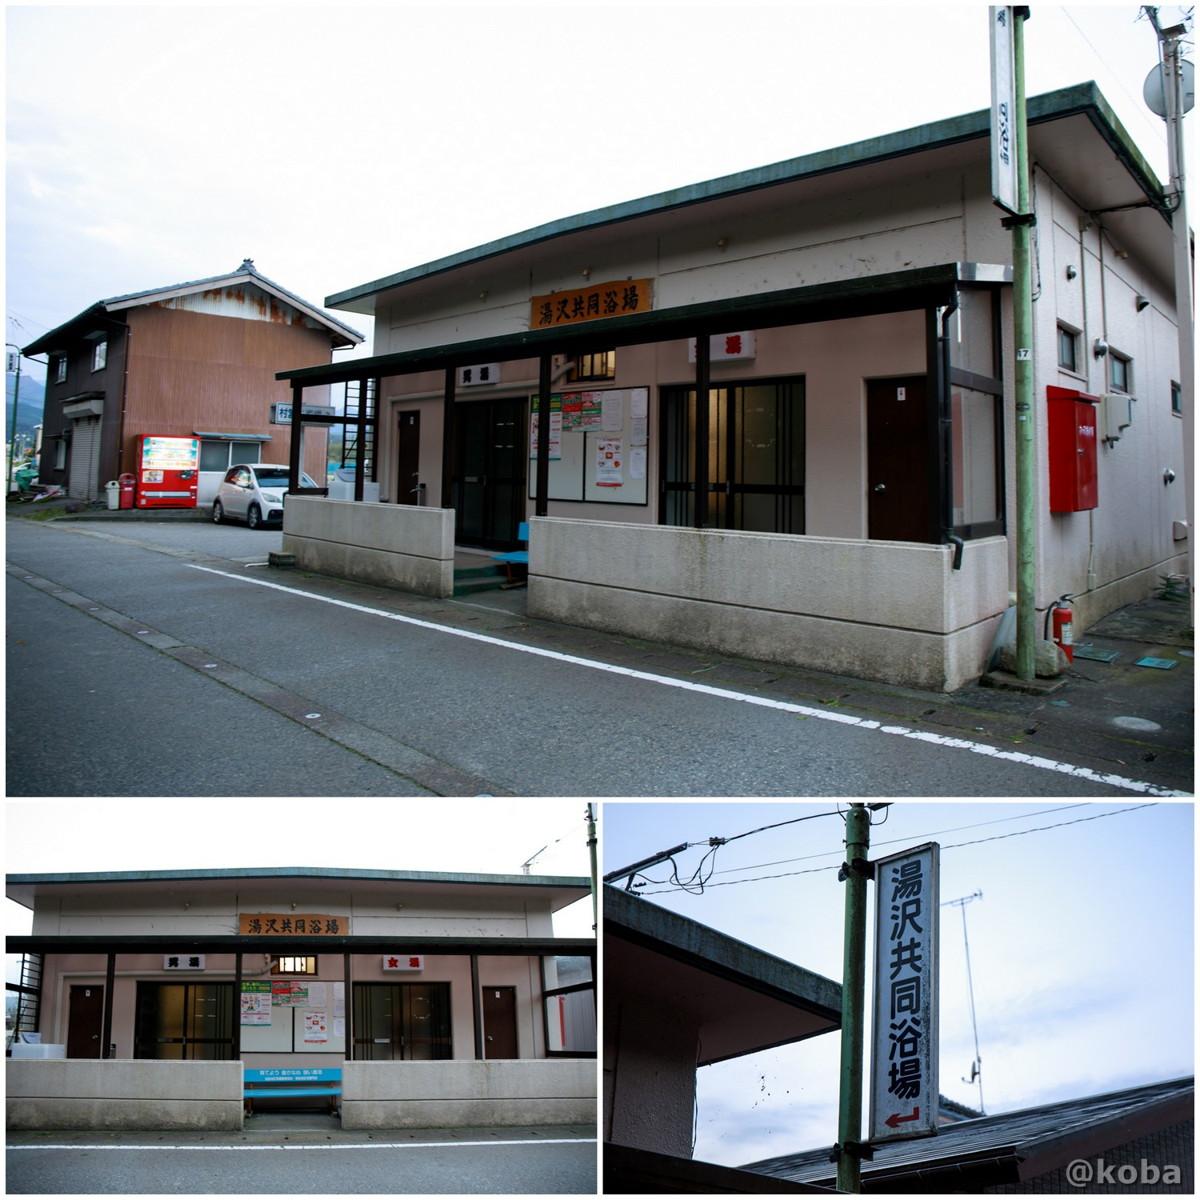 外観の写真、左が男湯、右が女湯│湯沢共同浴場(ゆざわきょうどうよくじょう)│新潟県 温泉ブログ